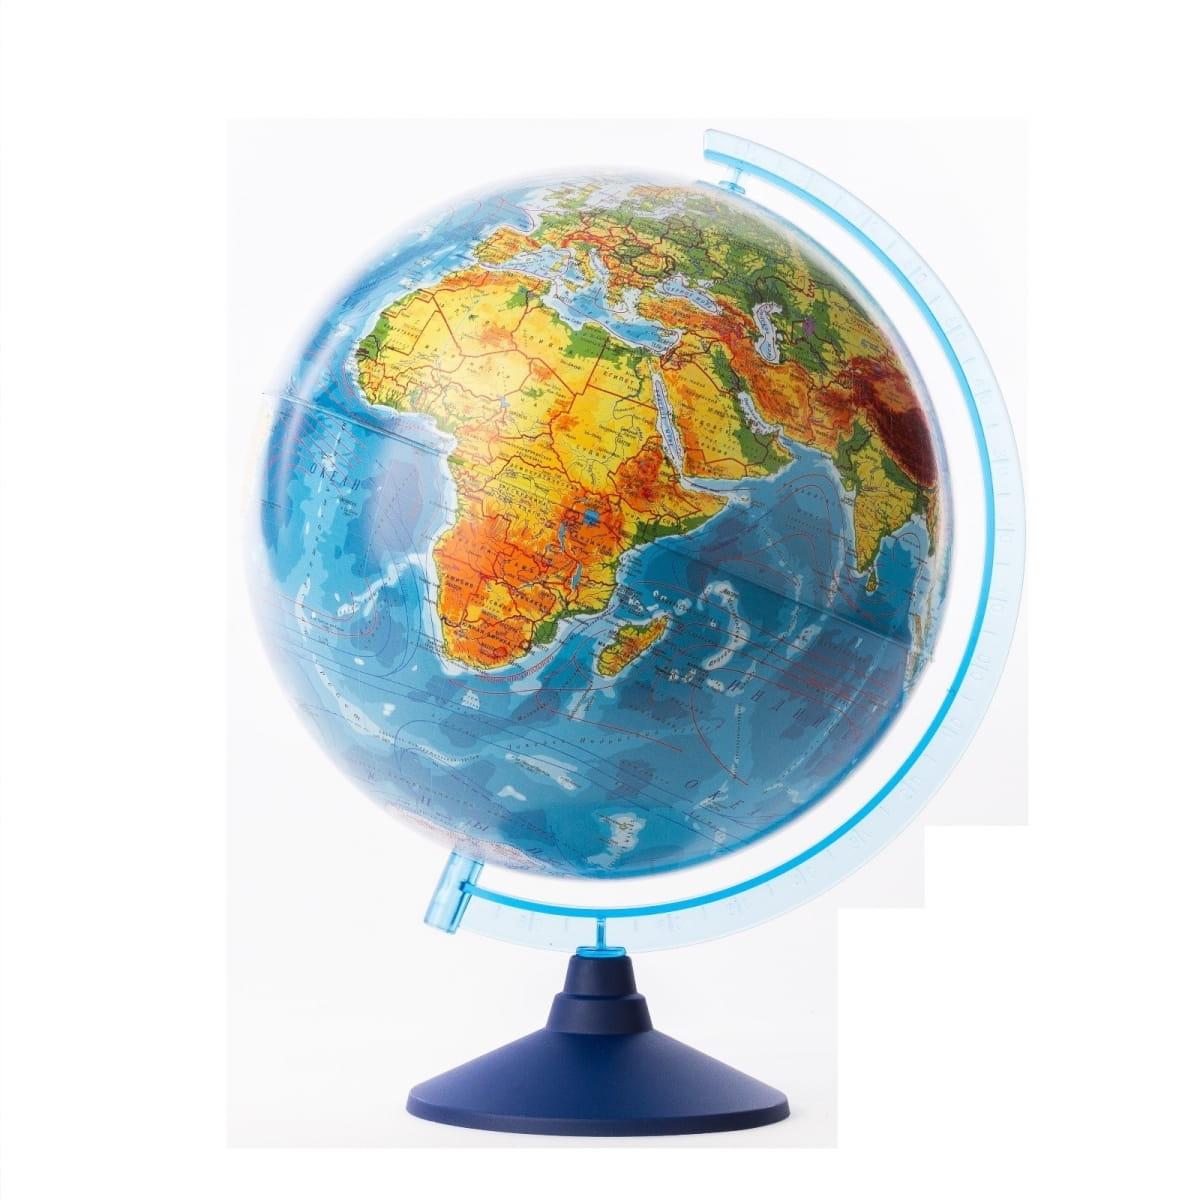 Глобус Земли GLOBEN физико-политический - 32 см (с подсветкой)